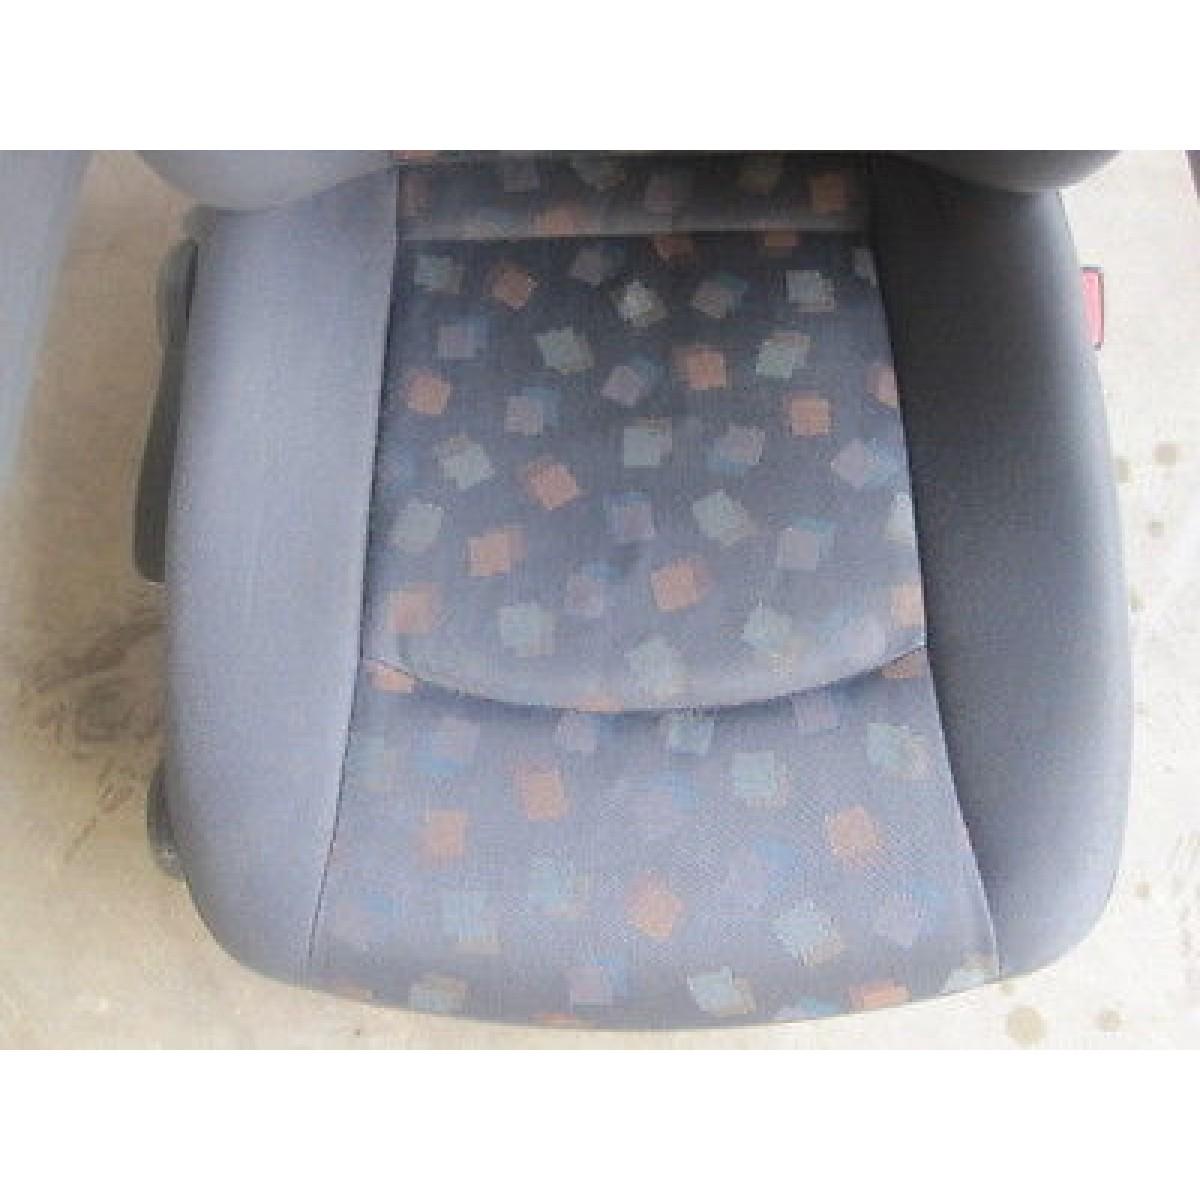 Mercedes Benz Vito W639 Beifahrer Komfort Sitz im gutem ...